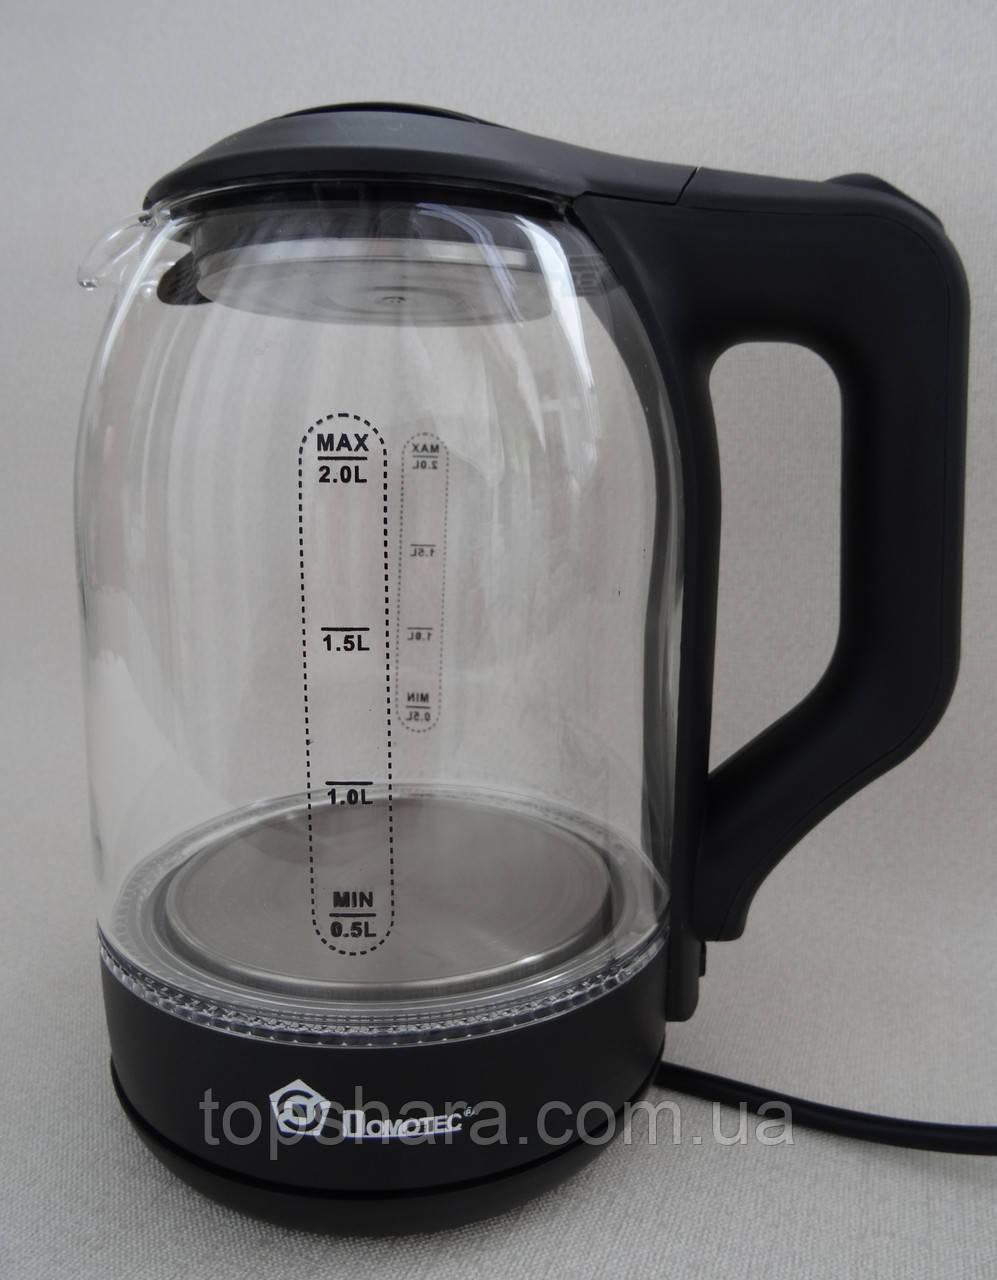 Электрочайник стеклянный Domotec MS 8120 черный 2 литра